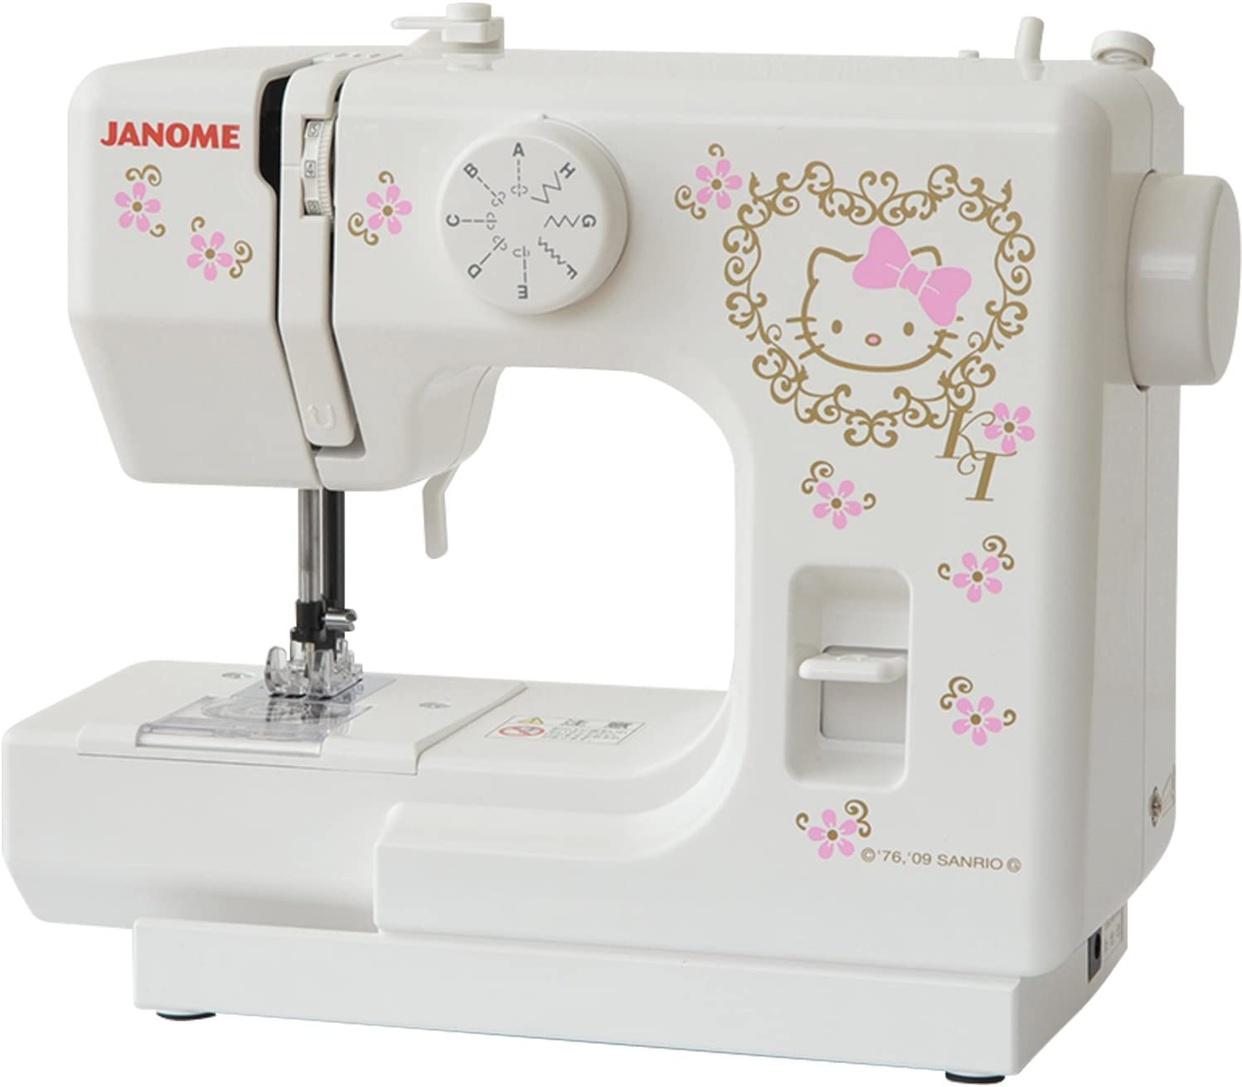 JANOME(ジャノメ) ハローキティミシン KT-35の商品画像